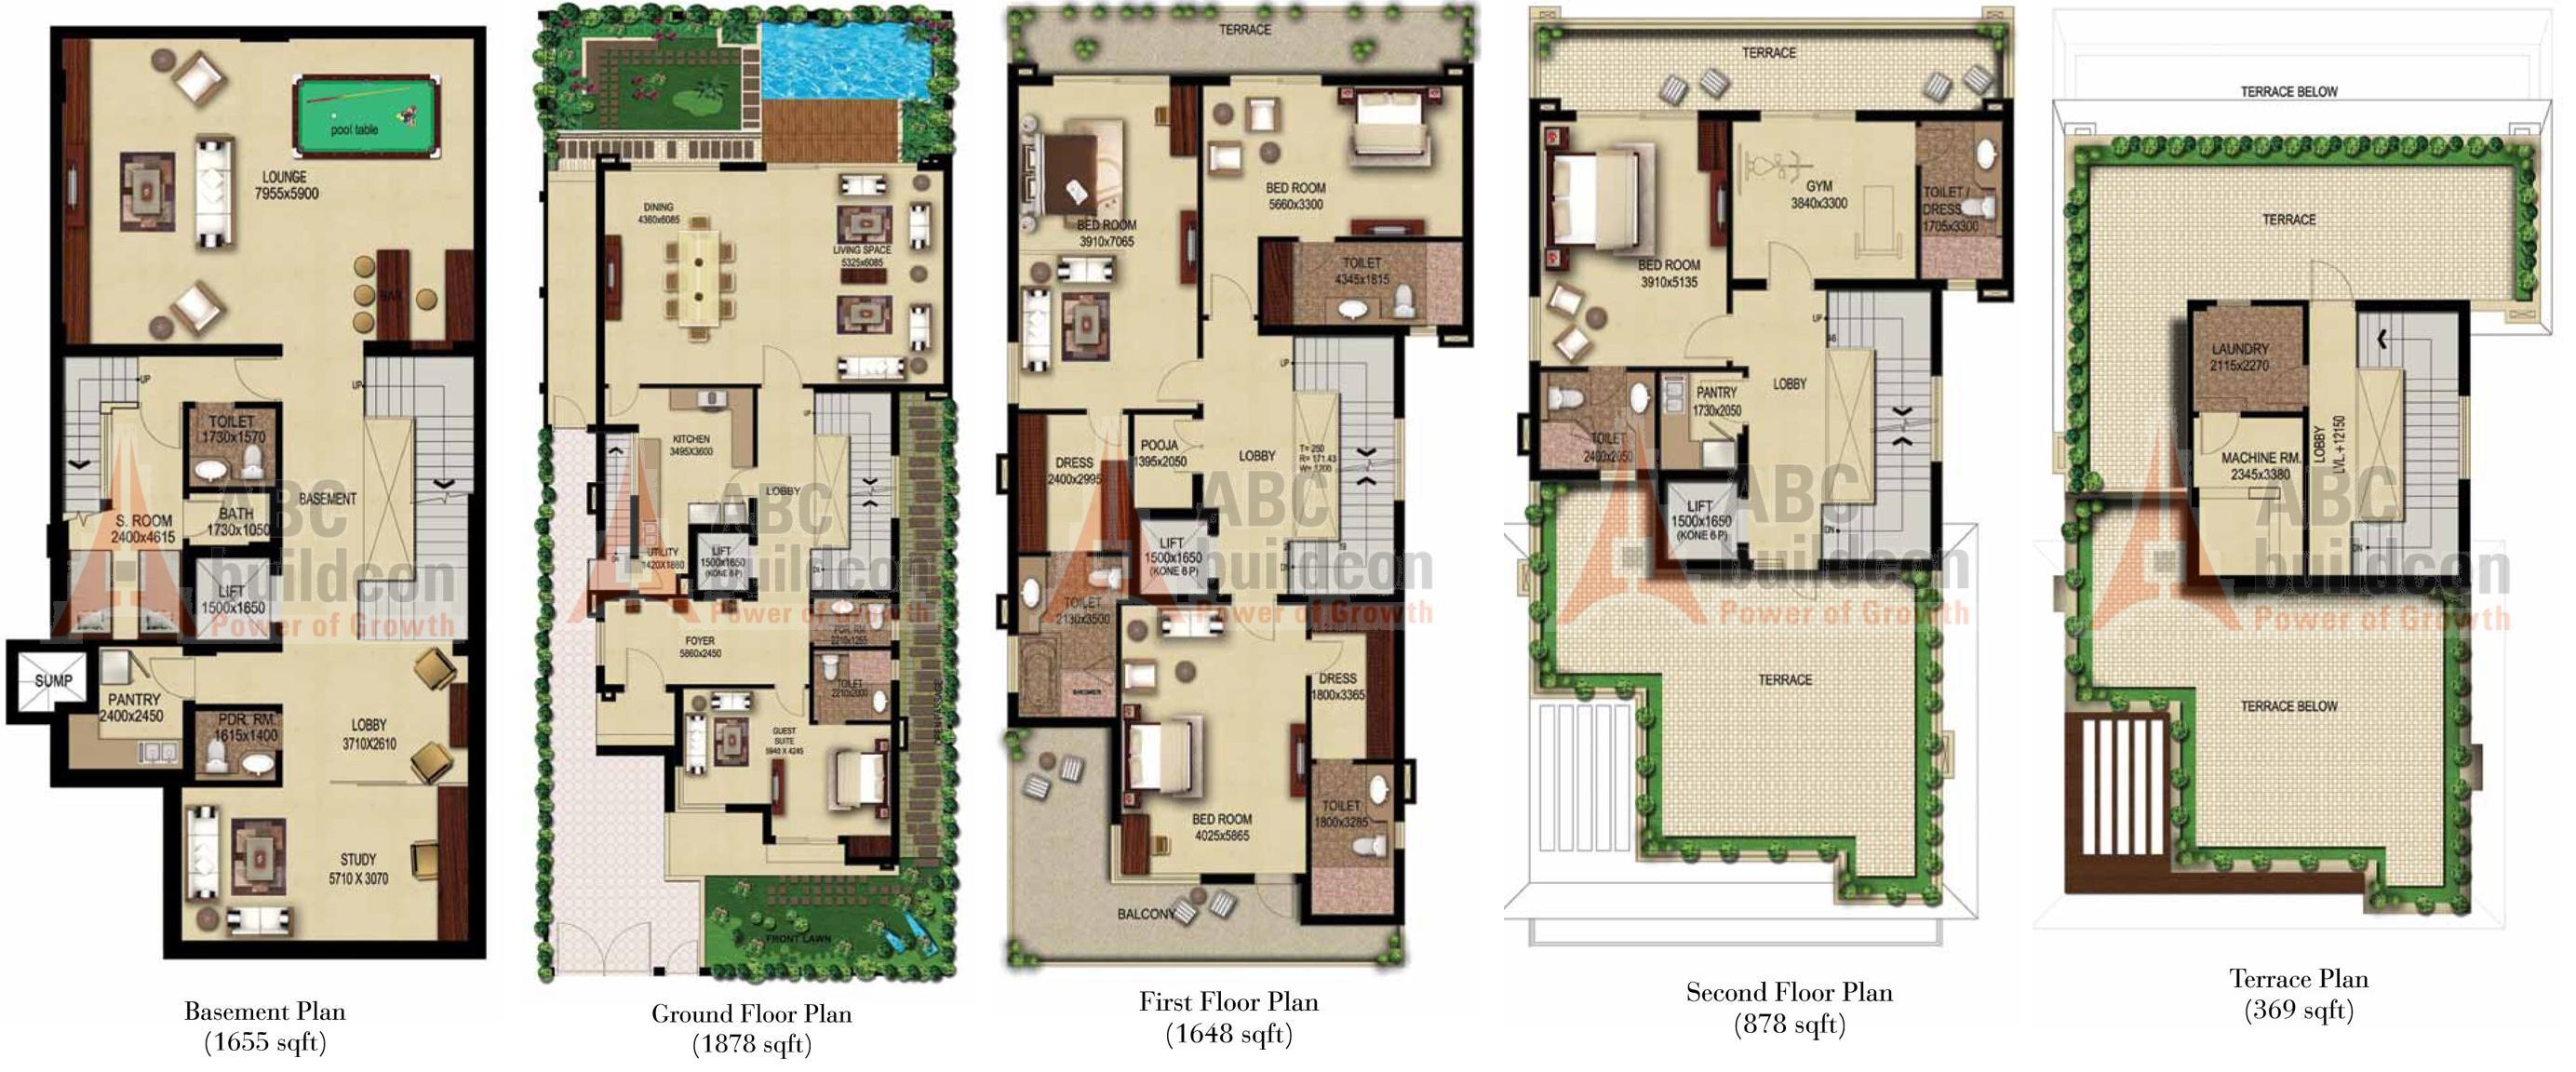 Anant Raj Estate Villas, Sector 63A, Gurgaon